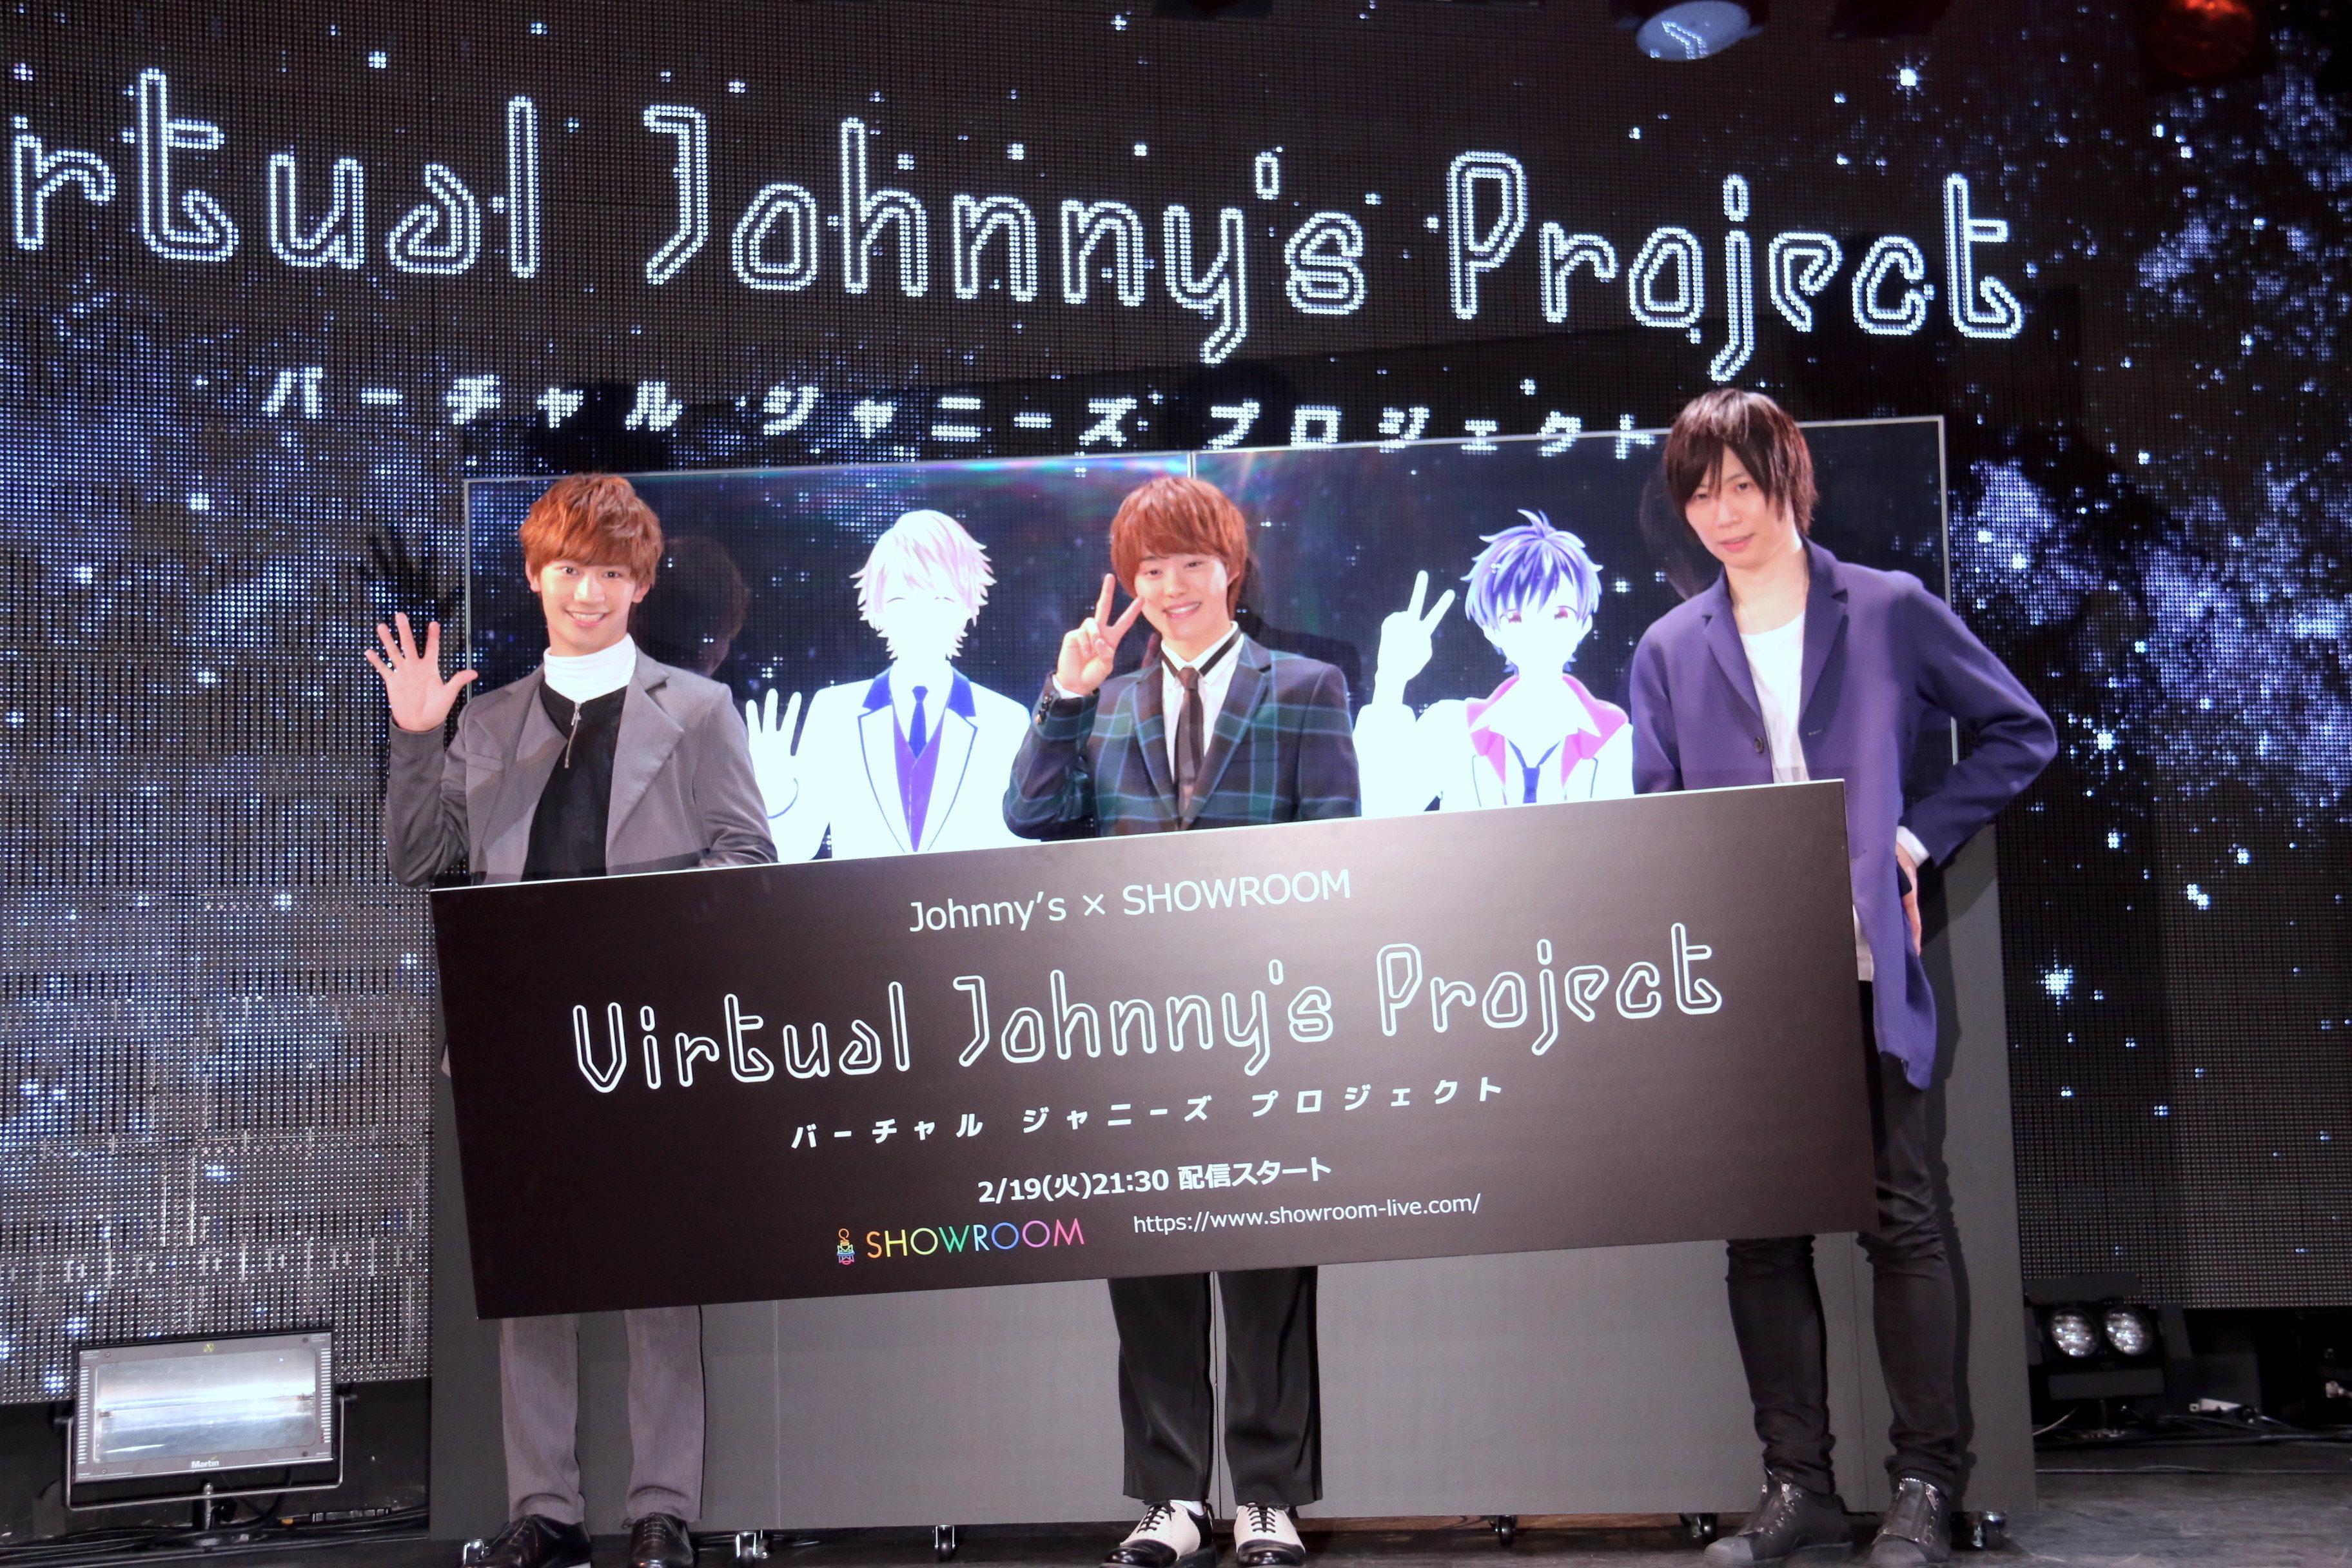 記者発表会に登壇した藤原丈一郎さん、大橋和也さん、前田裕二さん。